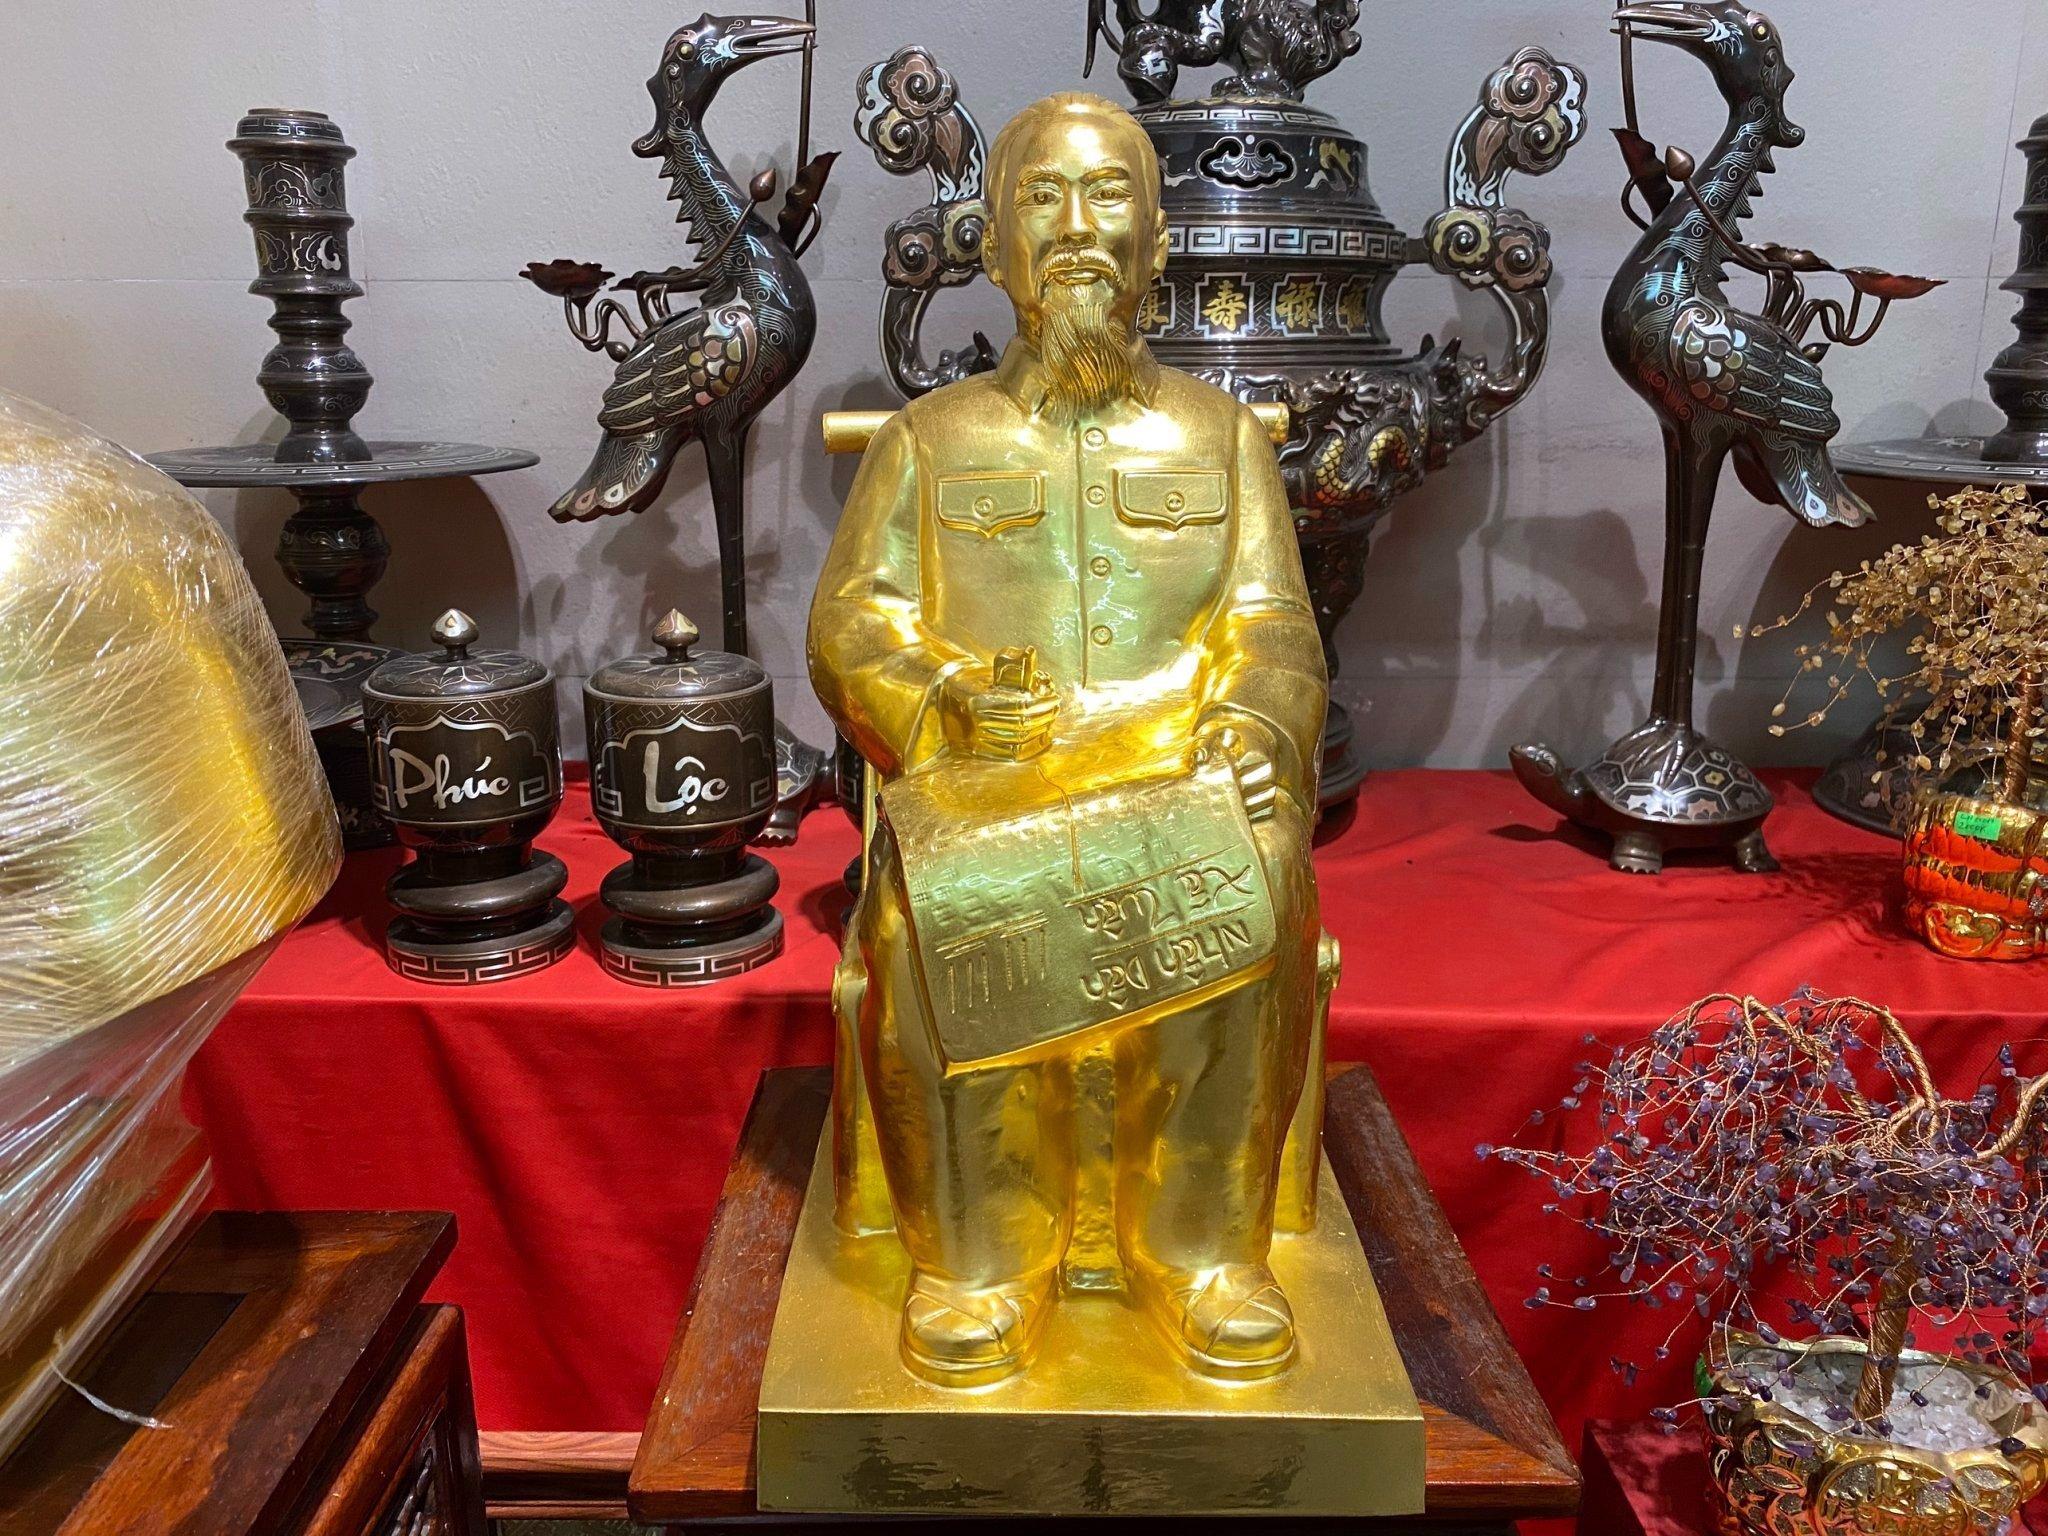 Tượng bác hồ ngồi ghế mây bằng đồng đỏ dát mạ vàng 24k cao 42cm